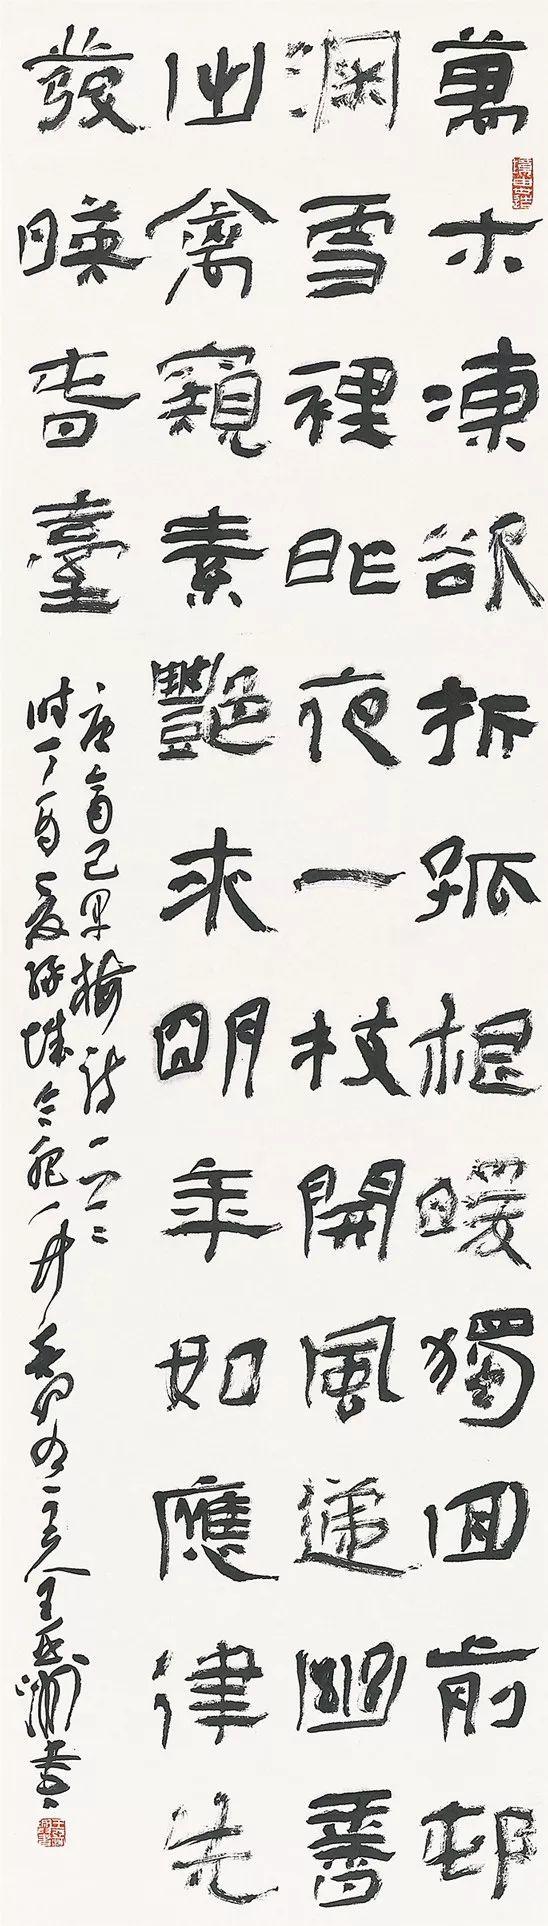 中国书协隶书委员会委员们的隶书作品,怎么样?图片